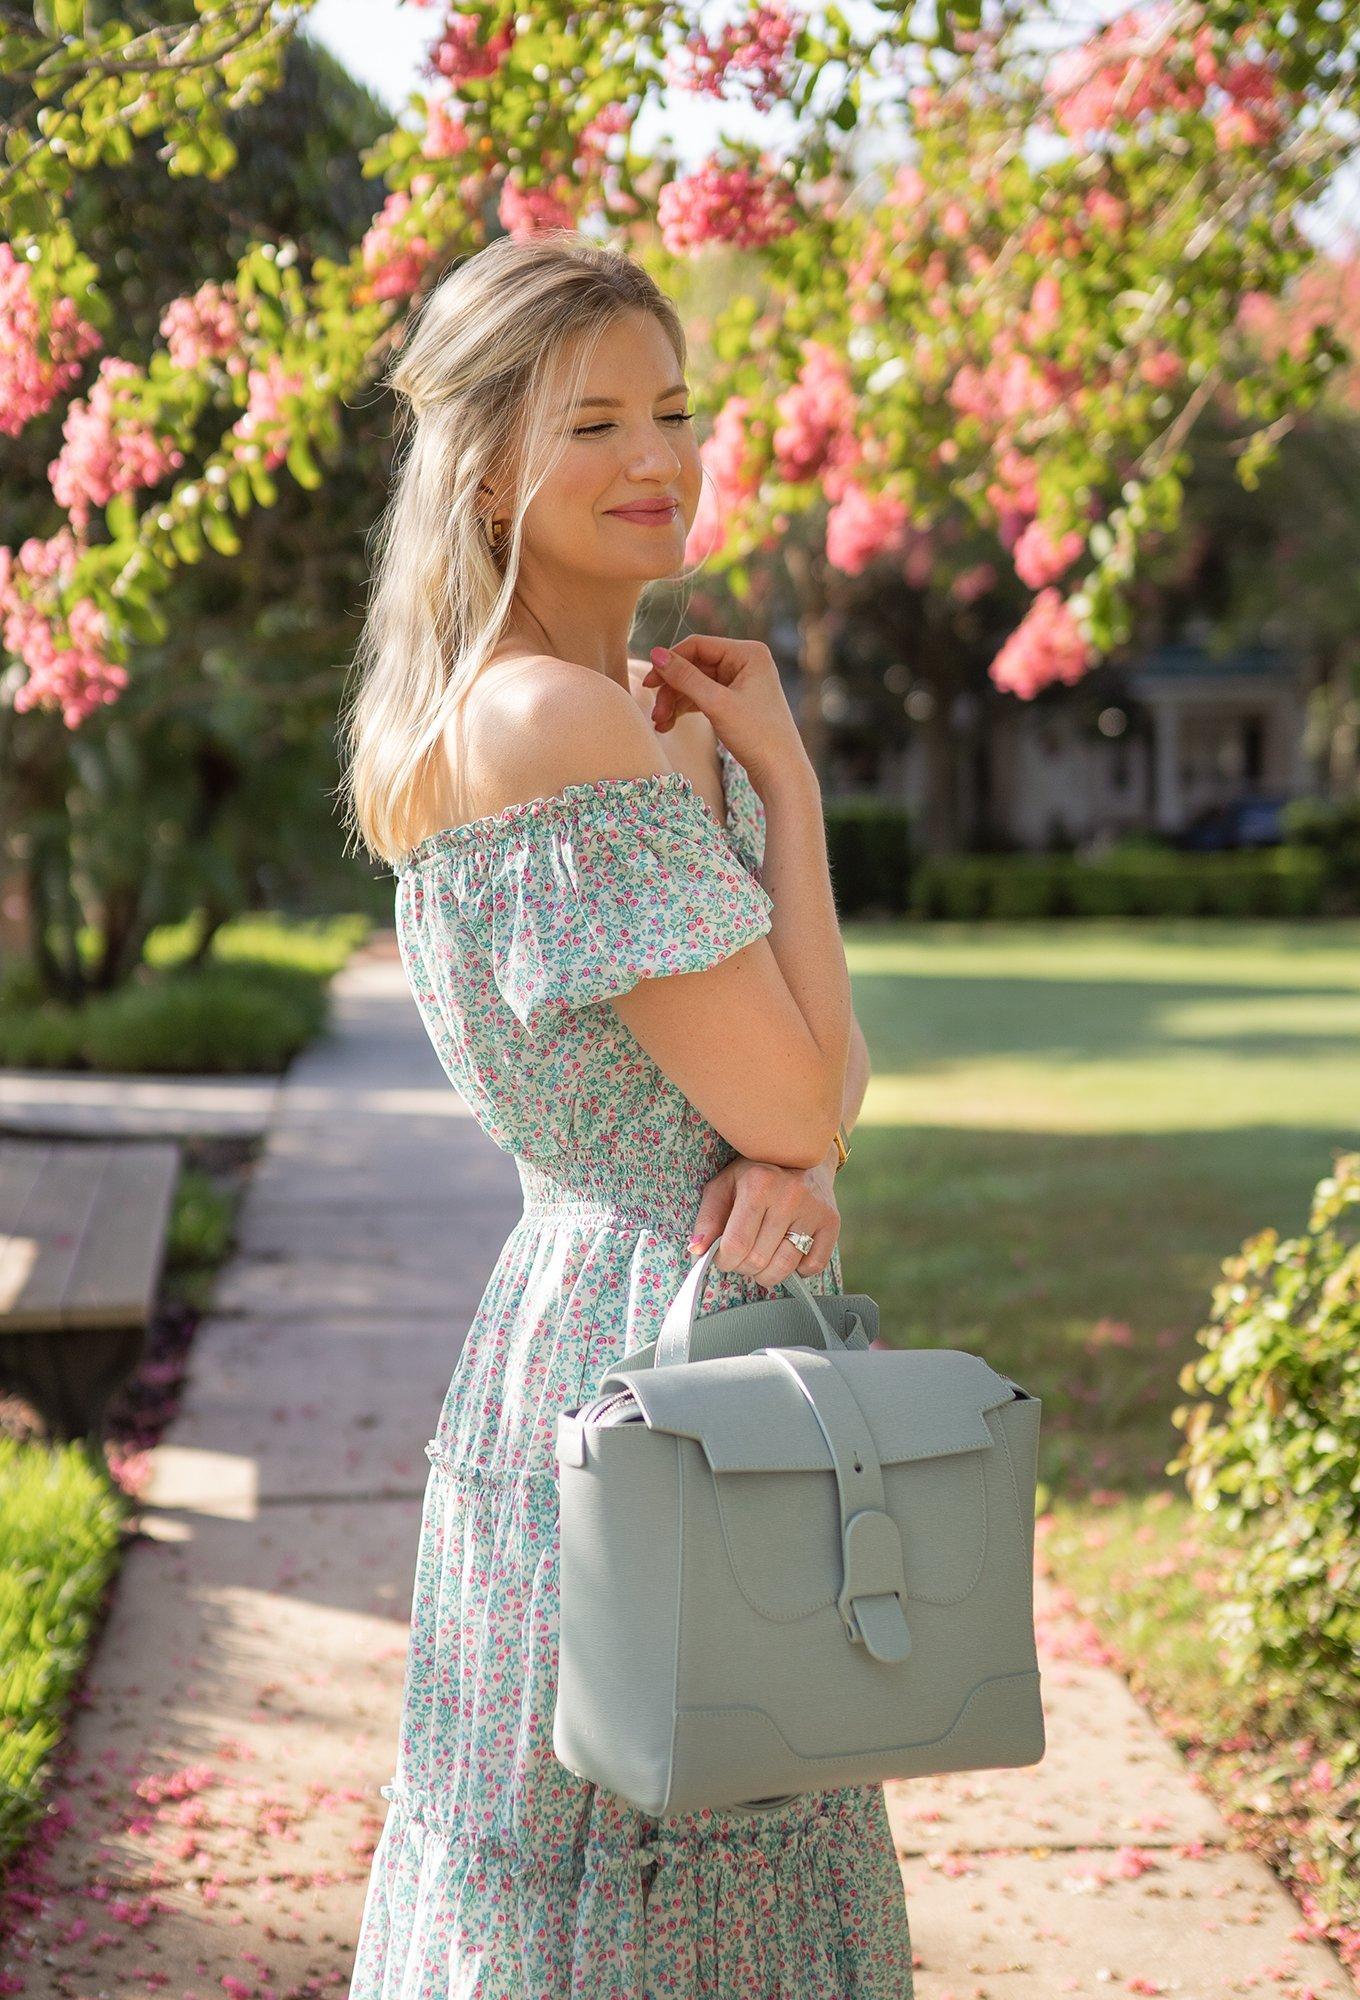 Ashley Brooke in floral smocked dress and Senvere handbag